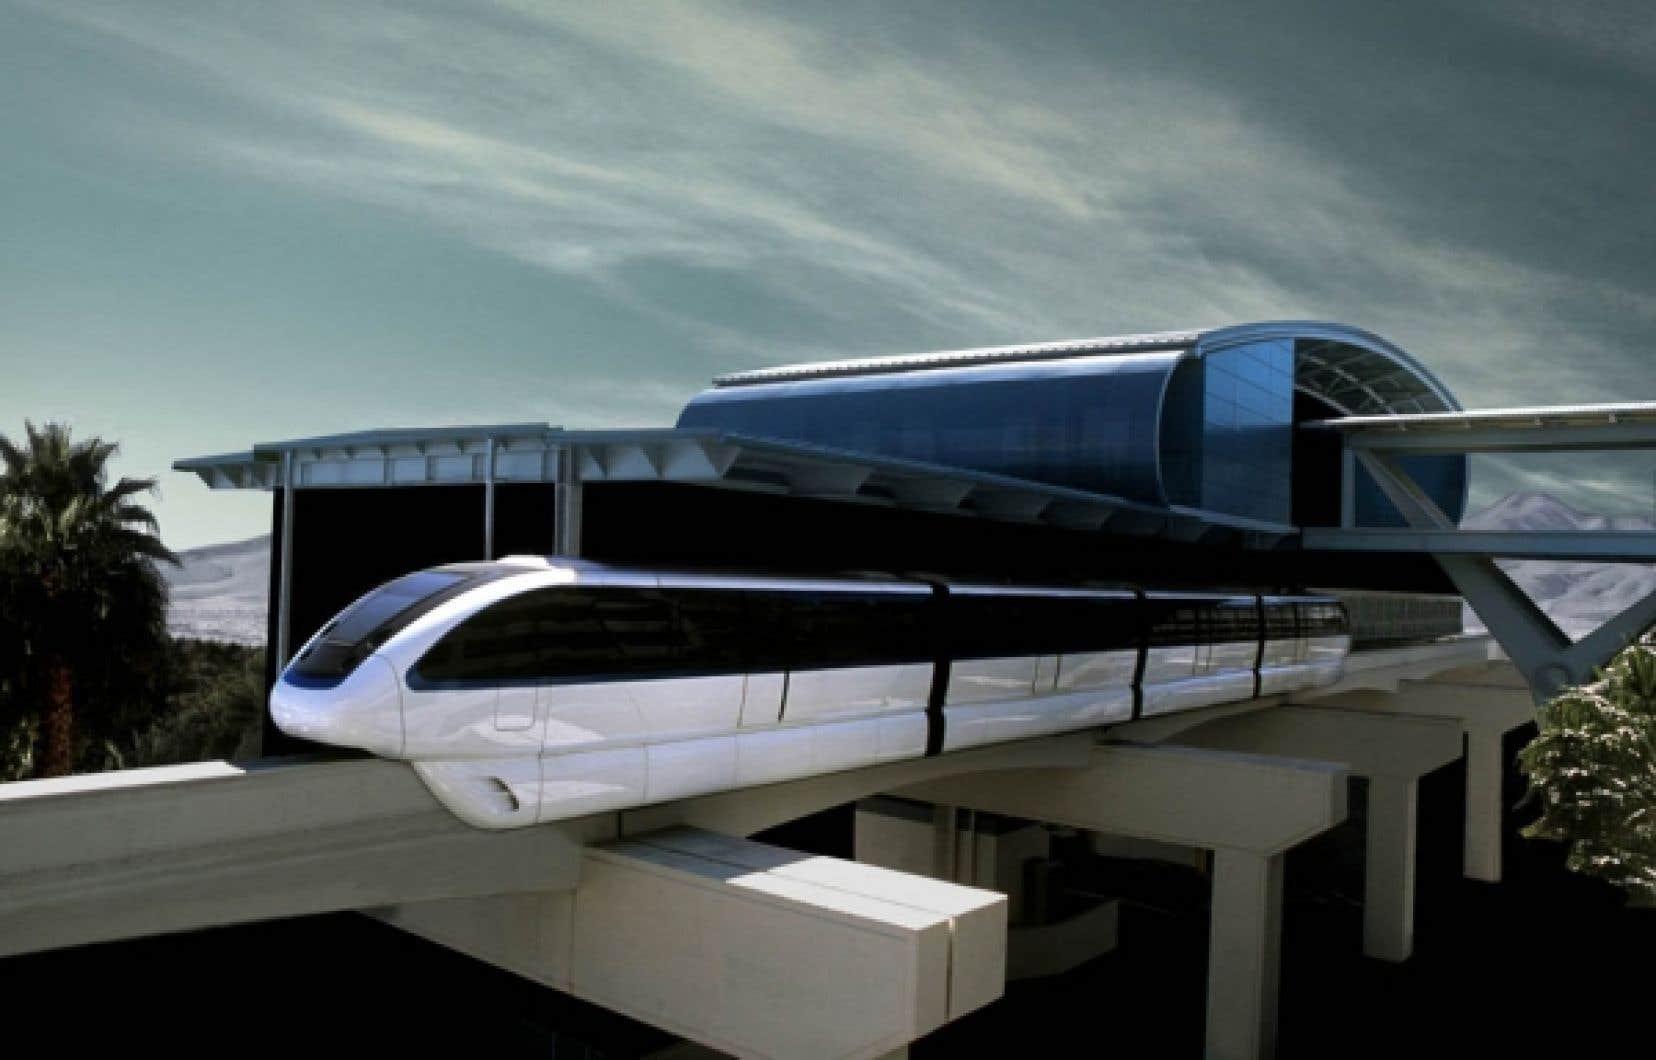 Le secteur ferroviaire prend le relais de l'aéronautique, qui ne va pas aussi bien que ce qui serait souhaité.